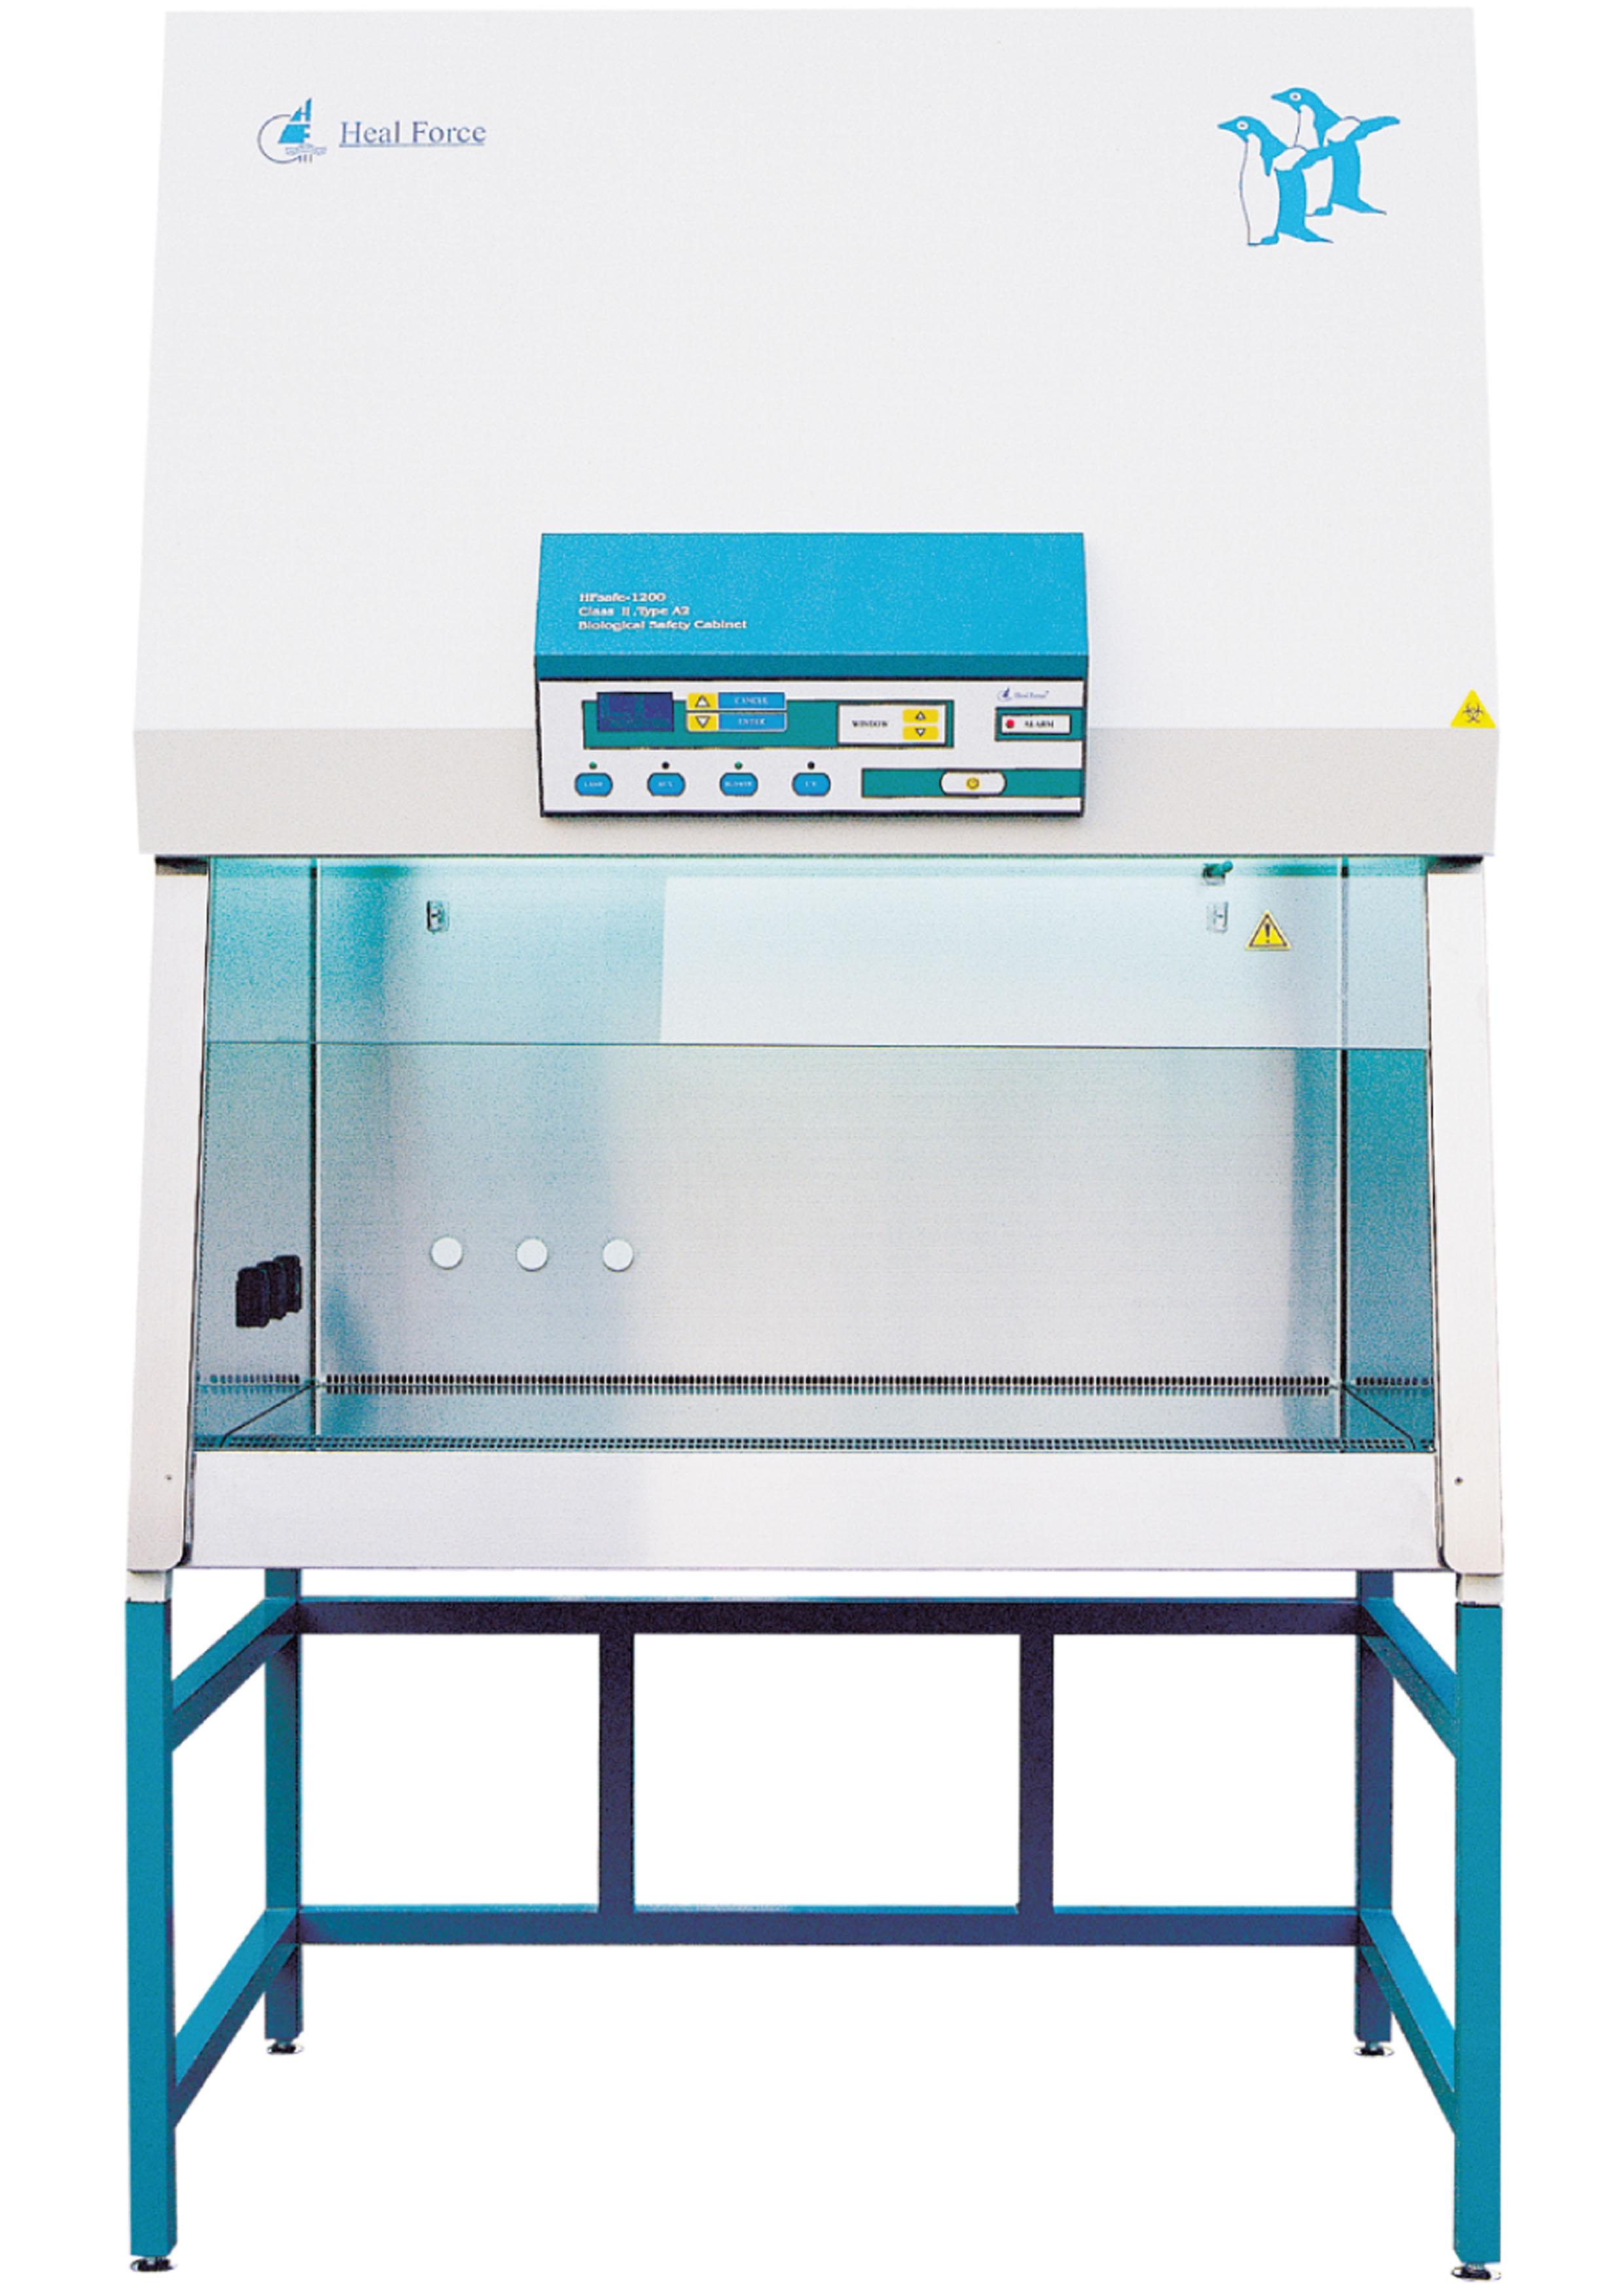 生物安全柜 HF 1200 A2